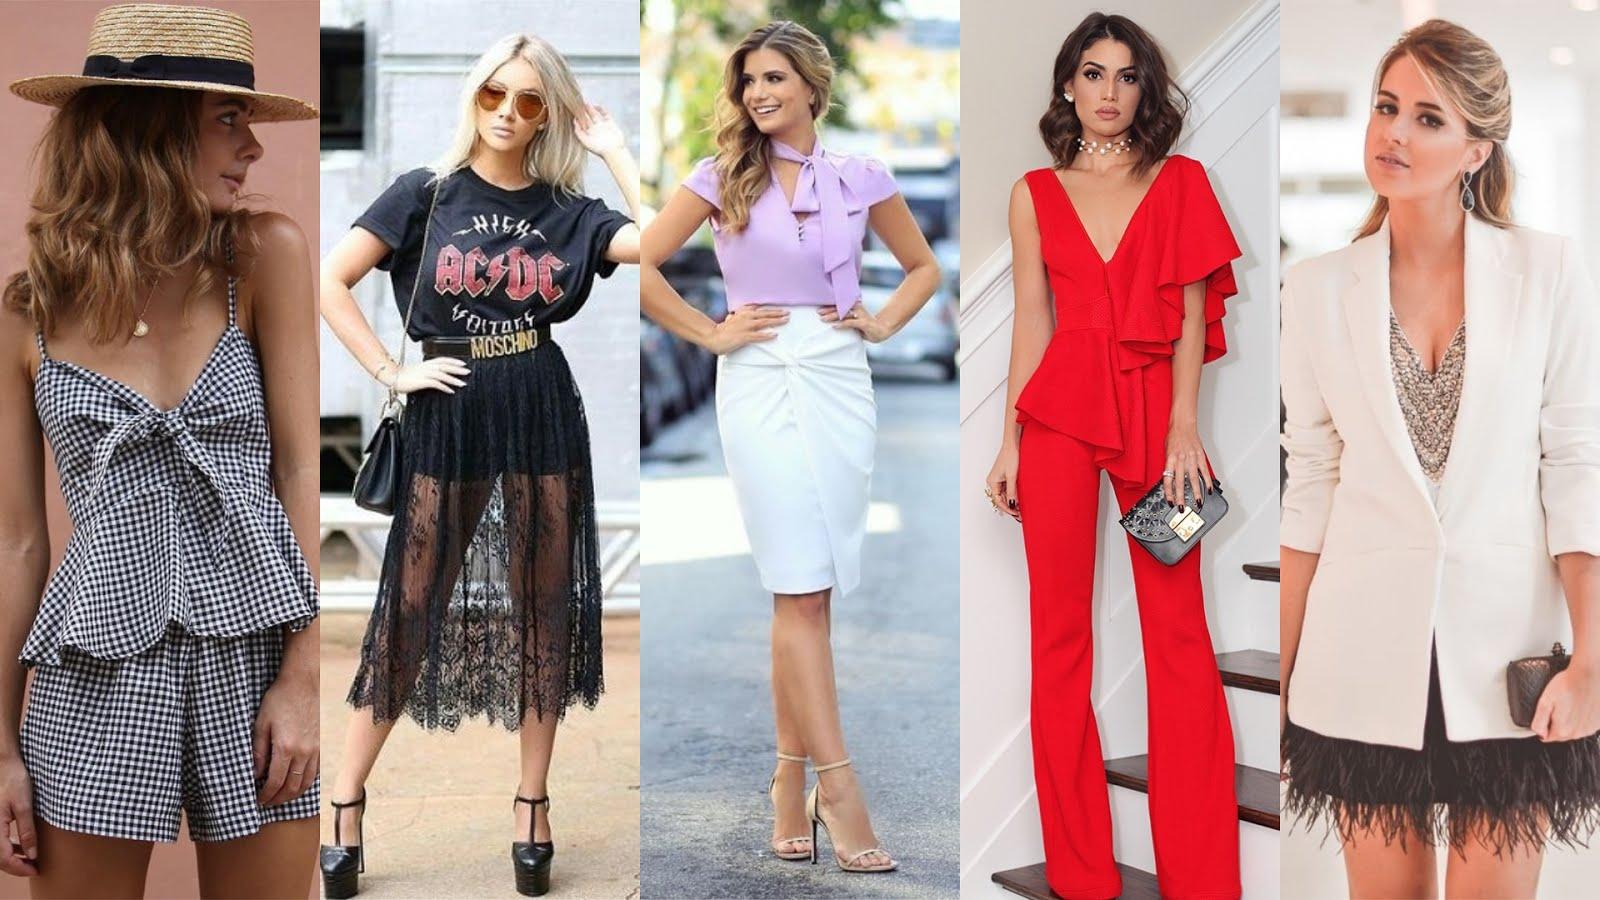 3f32799ca Como não pode faltar duas vezes por ano... vamos a esse maravilhoso resumão  das principais tendências da moda feminina que agora se trata da primavera  verão ...